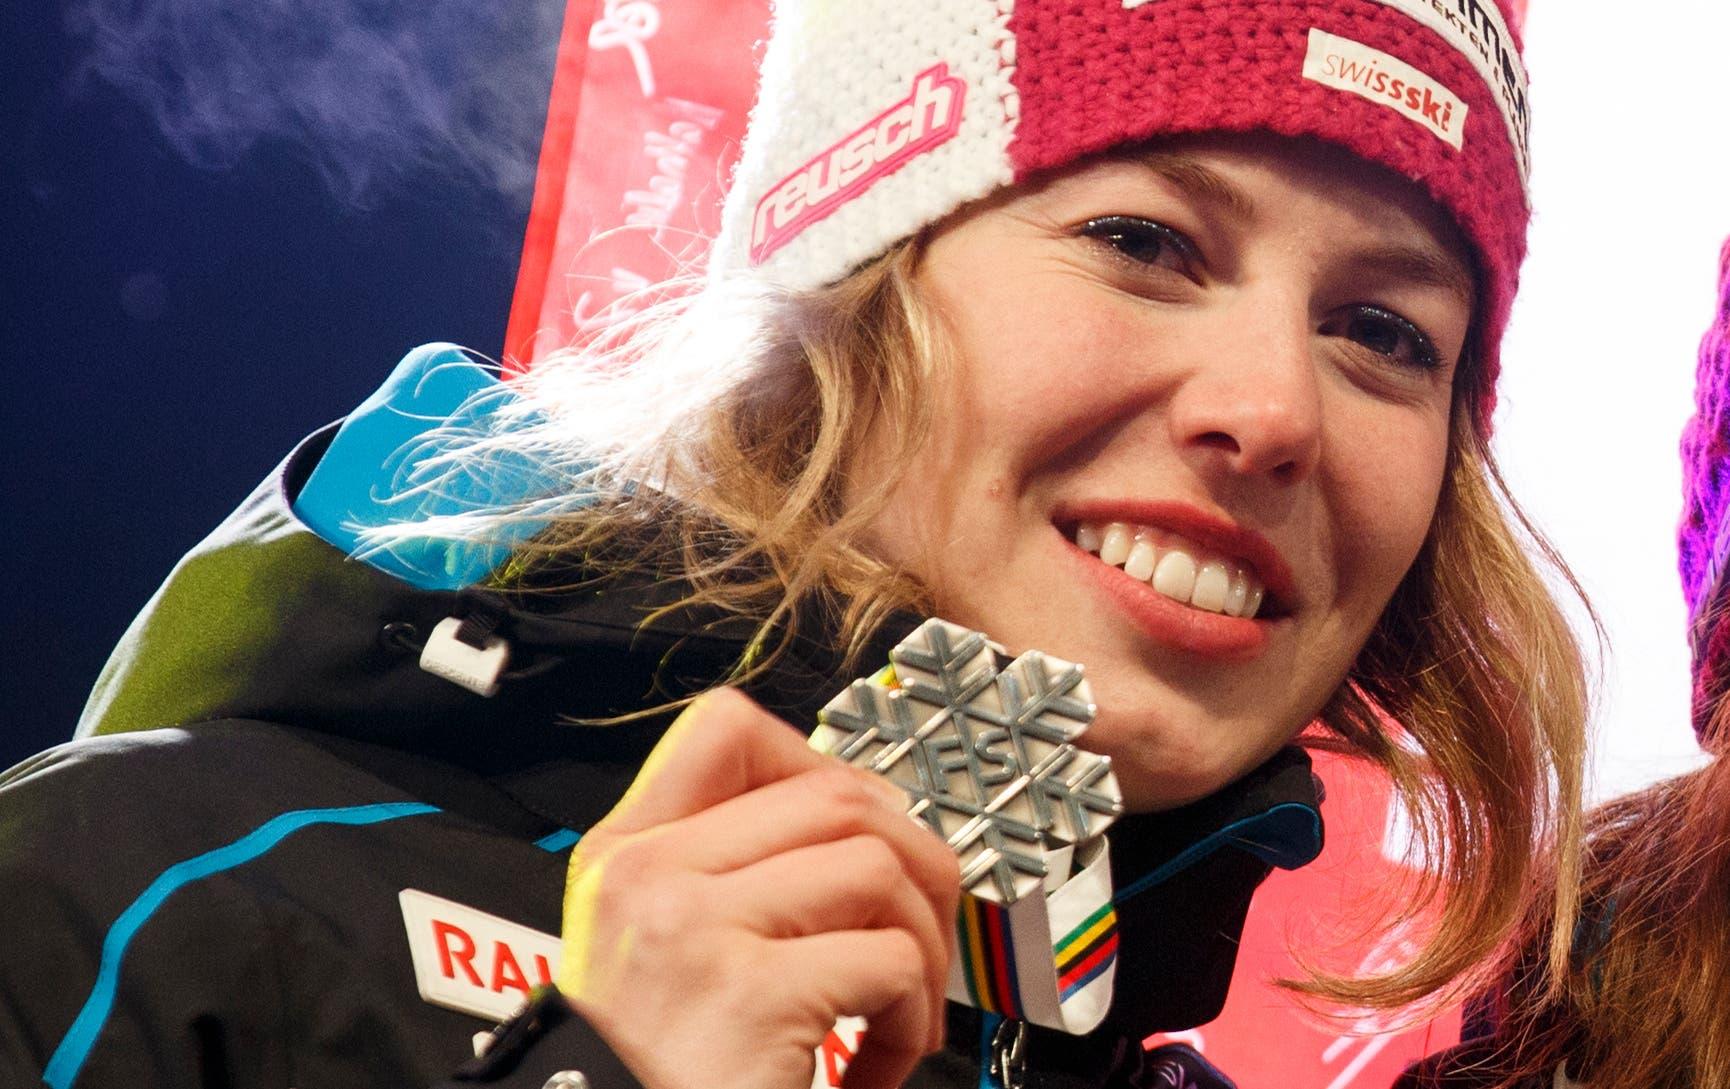 Michelle Gisin: Silber in der Kombination Wer eine grosse Schwester hat, die auch ein Ski-Star war und erst noch Olympiasiegerin, der hat es schwer. In St. Moritz ist Michelle Gisin erstmals aus dem Schatten von Dominique Gisin herausgetreten. Silber in der Kombination. Stark auch in der Abfahrt. Die quirlige 23-Jährige ist ein Versprechen für die Zukunft. Oder schon für den Slalom vom Samstag?